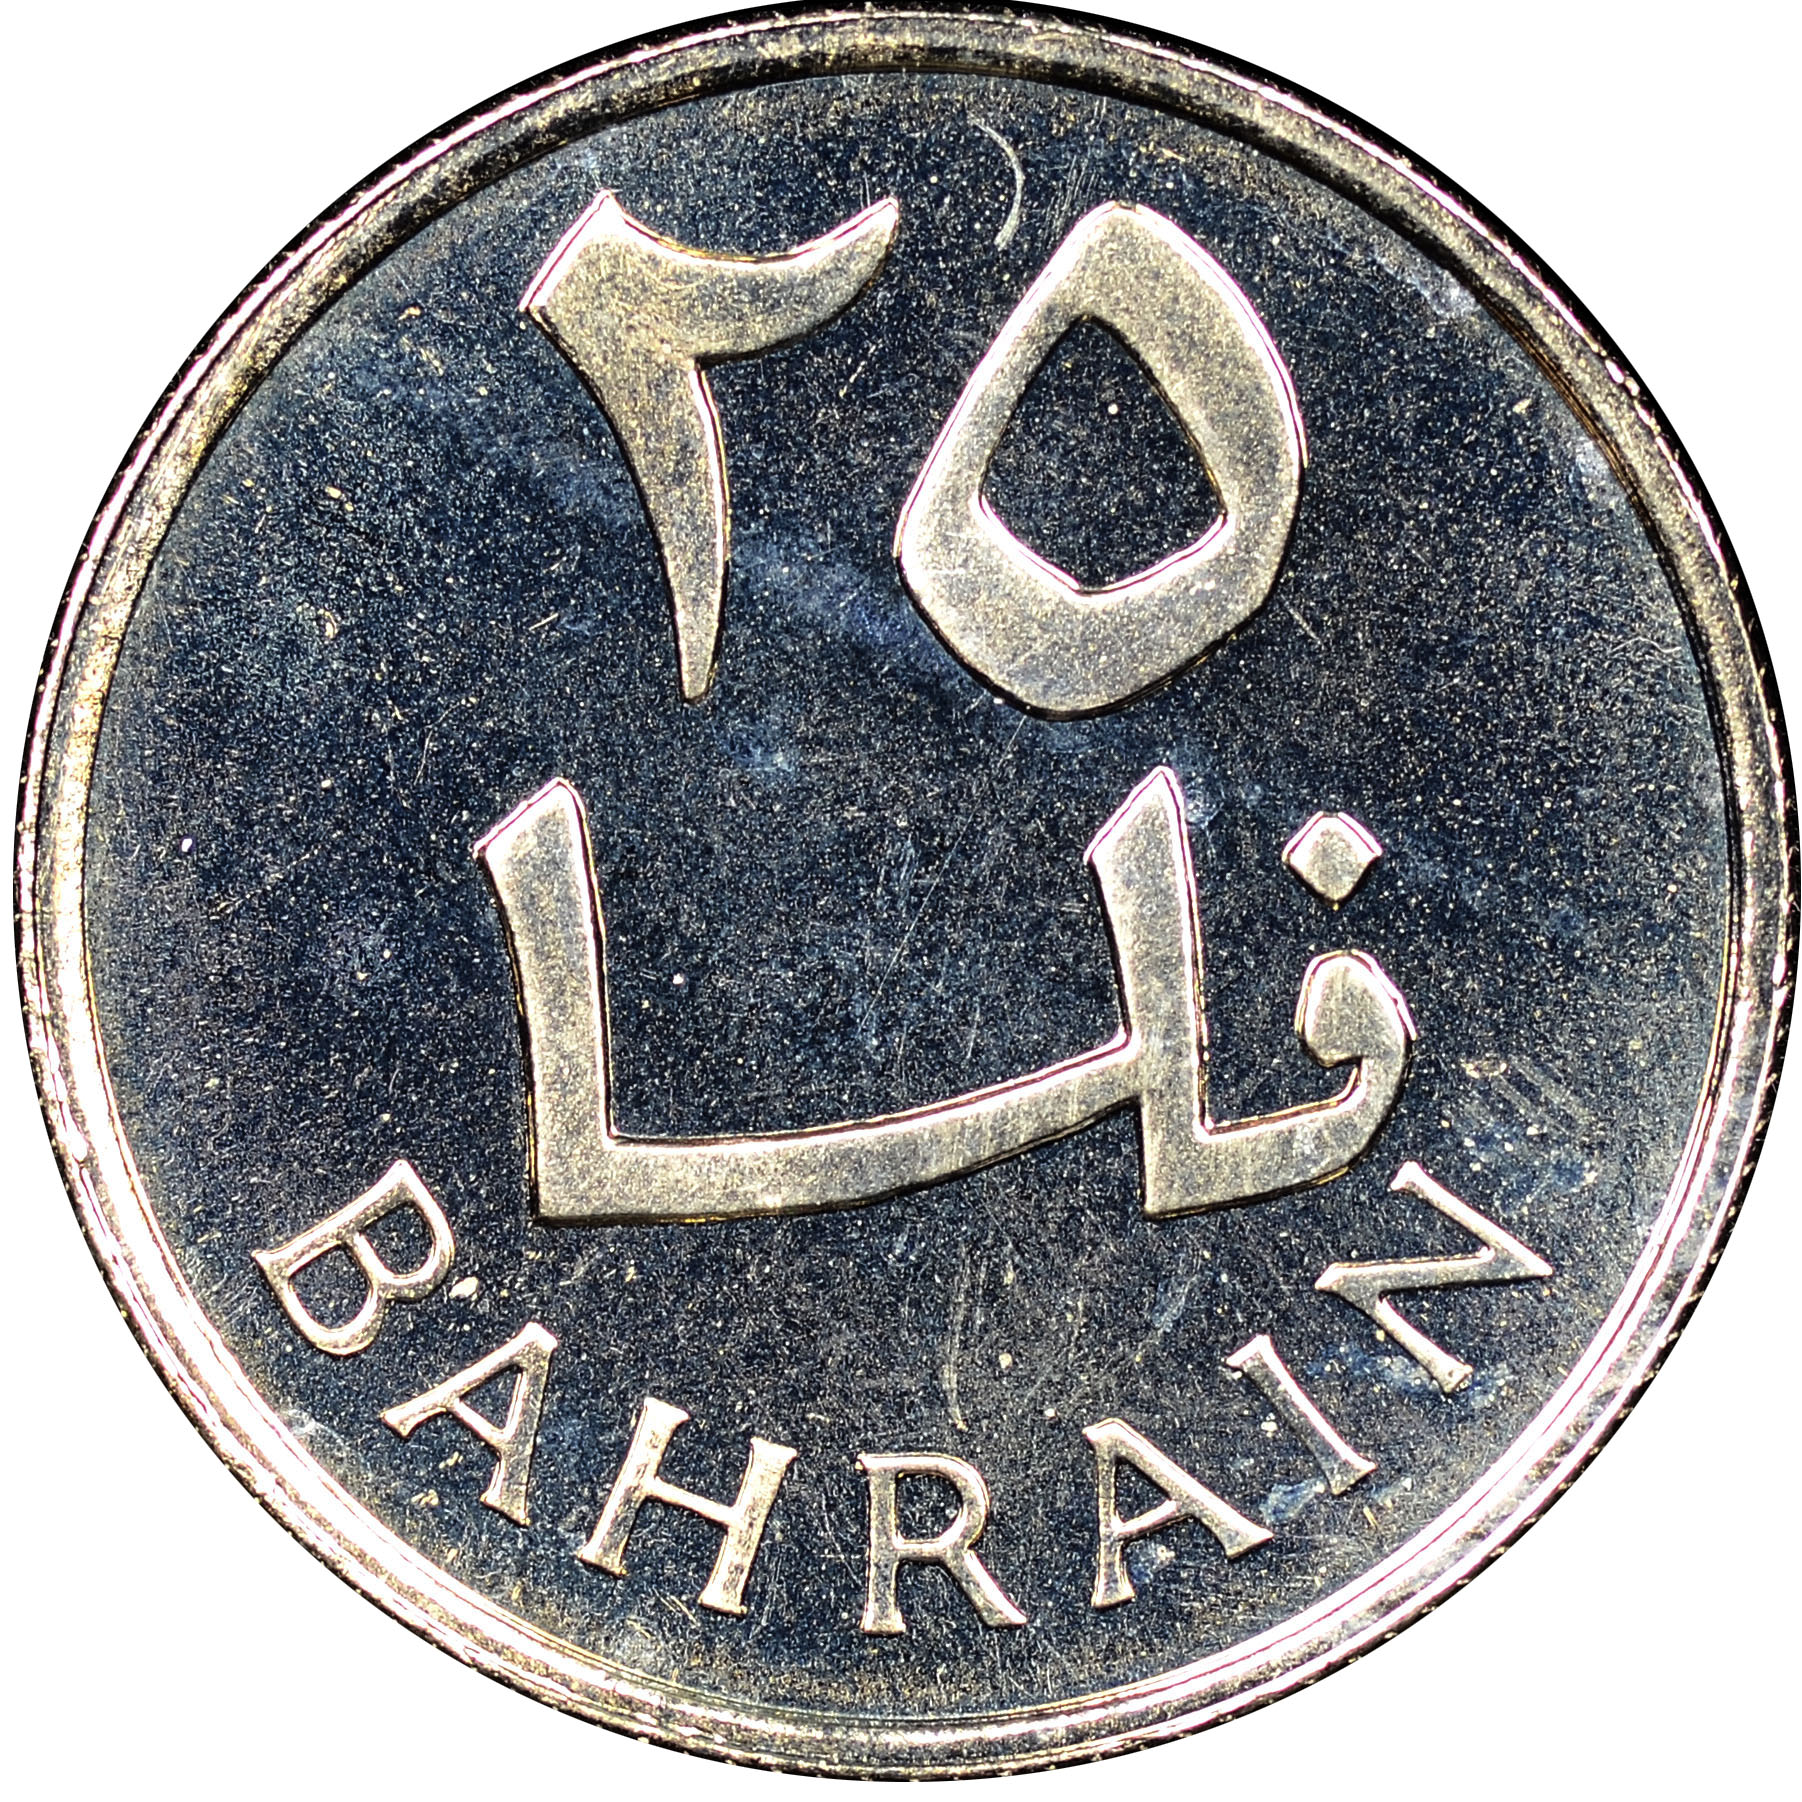 Bahrain 25 Fils reverse